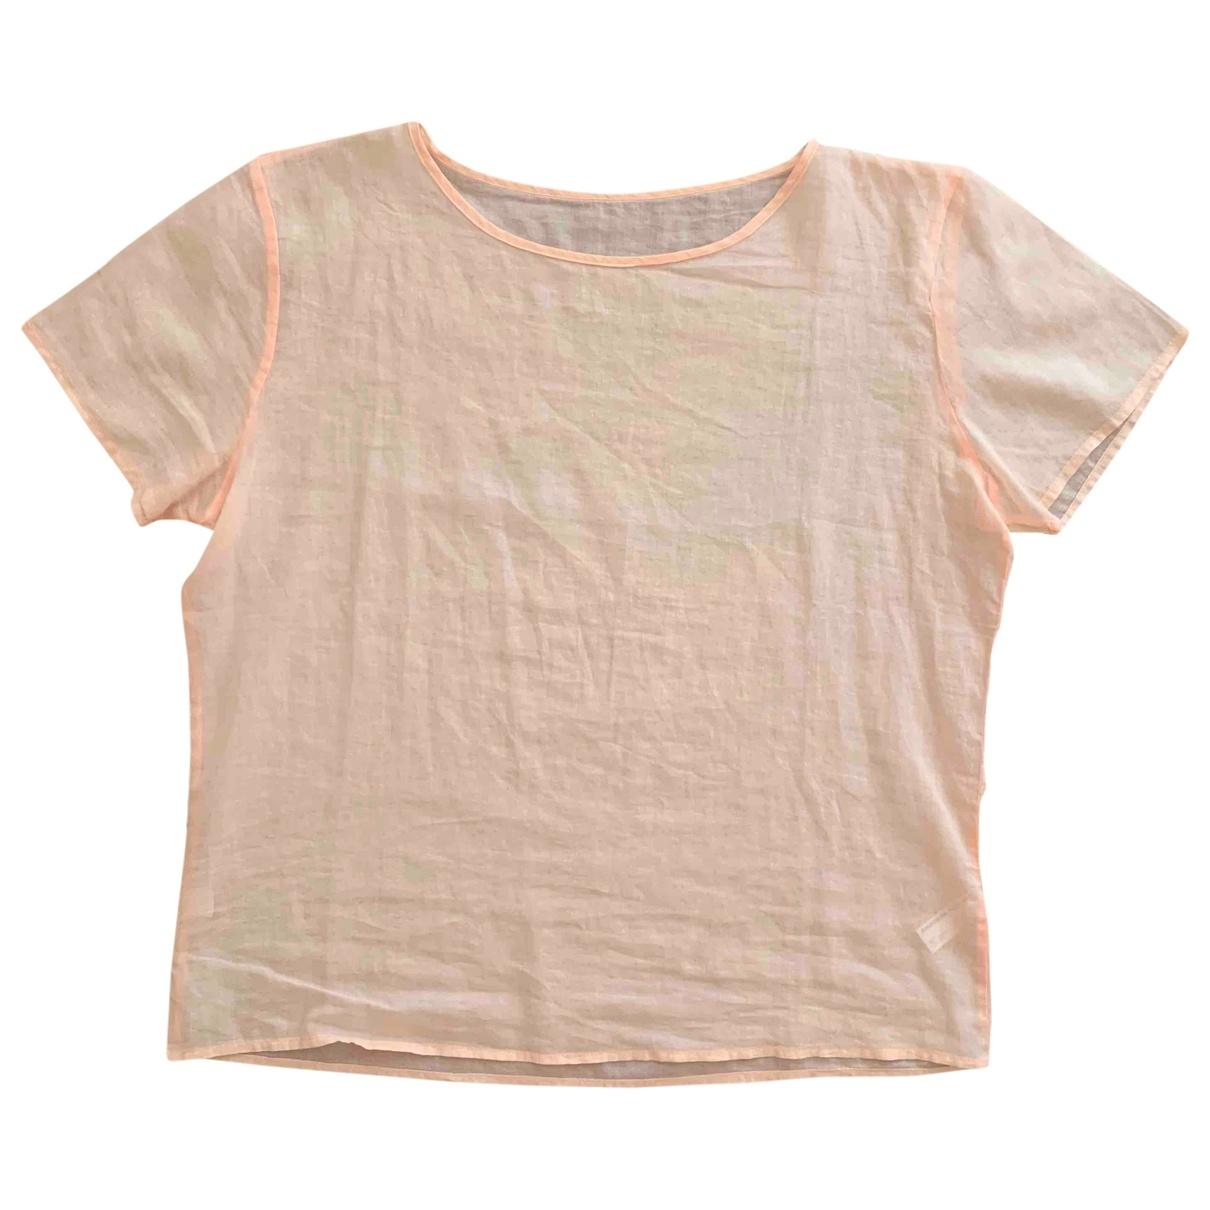 American Apparel - Top   pour femme en coton - rose